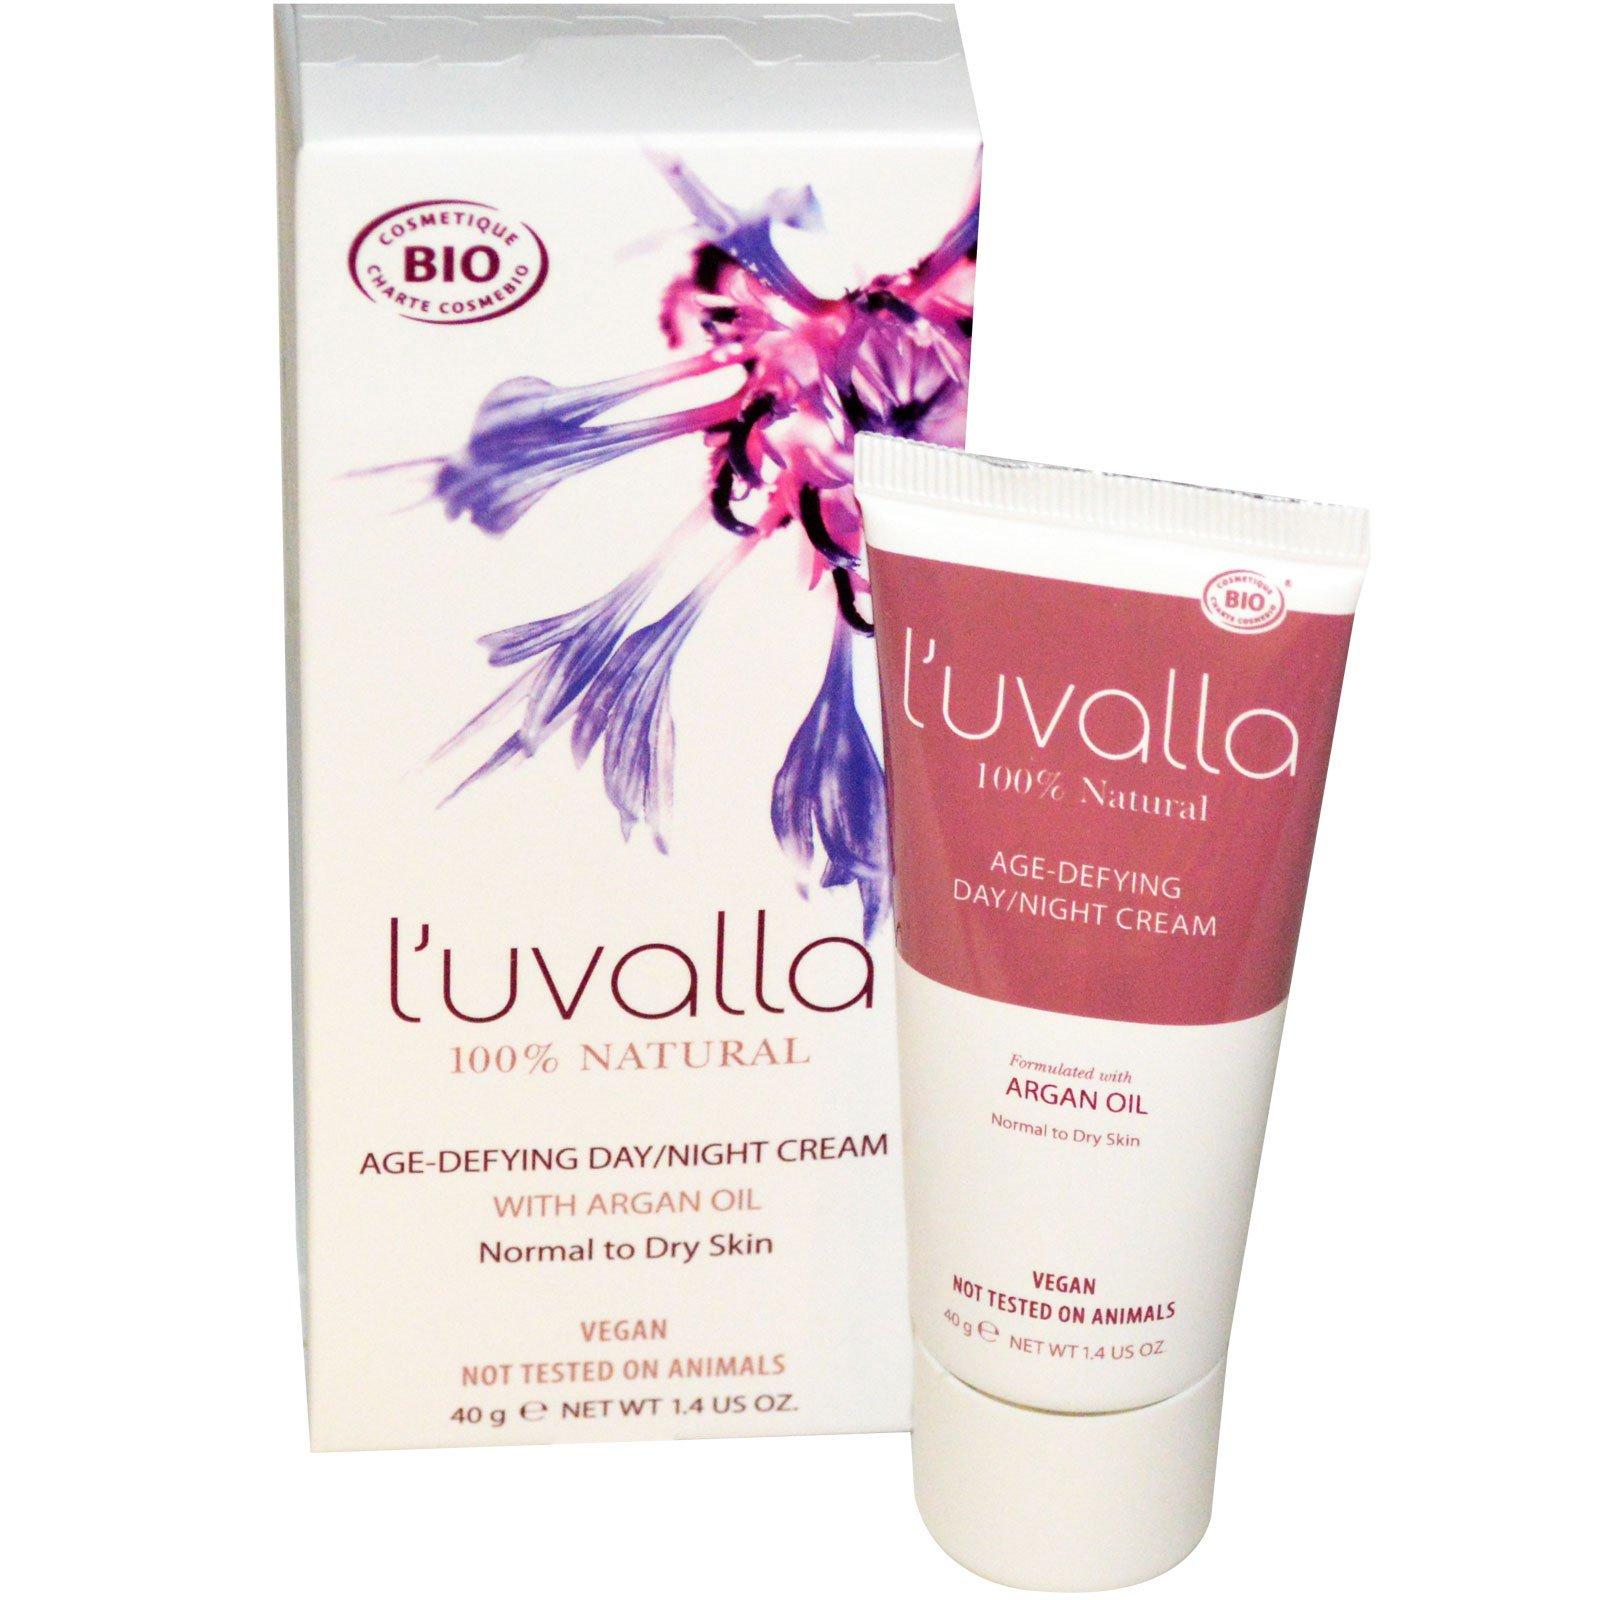 L'uvalla Certified Organic, Антивозрастной дневной / ночной крем, 1,4 унции (40 г)